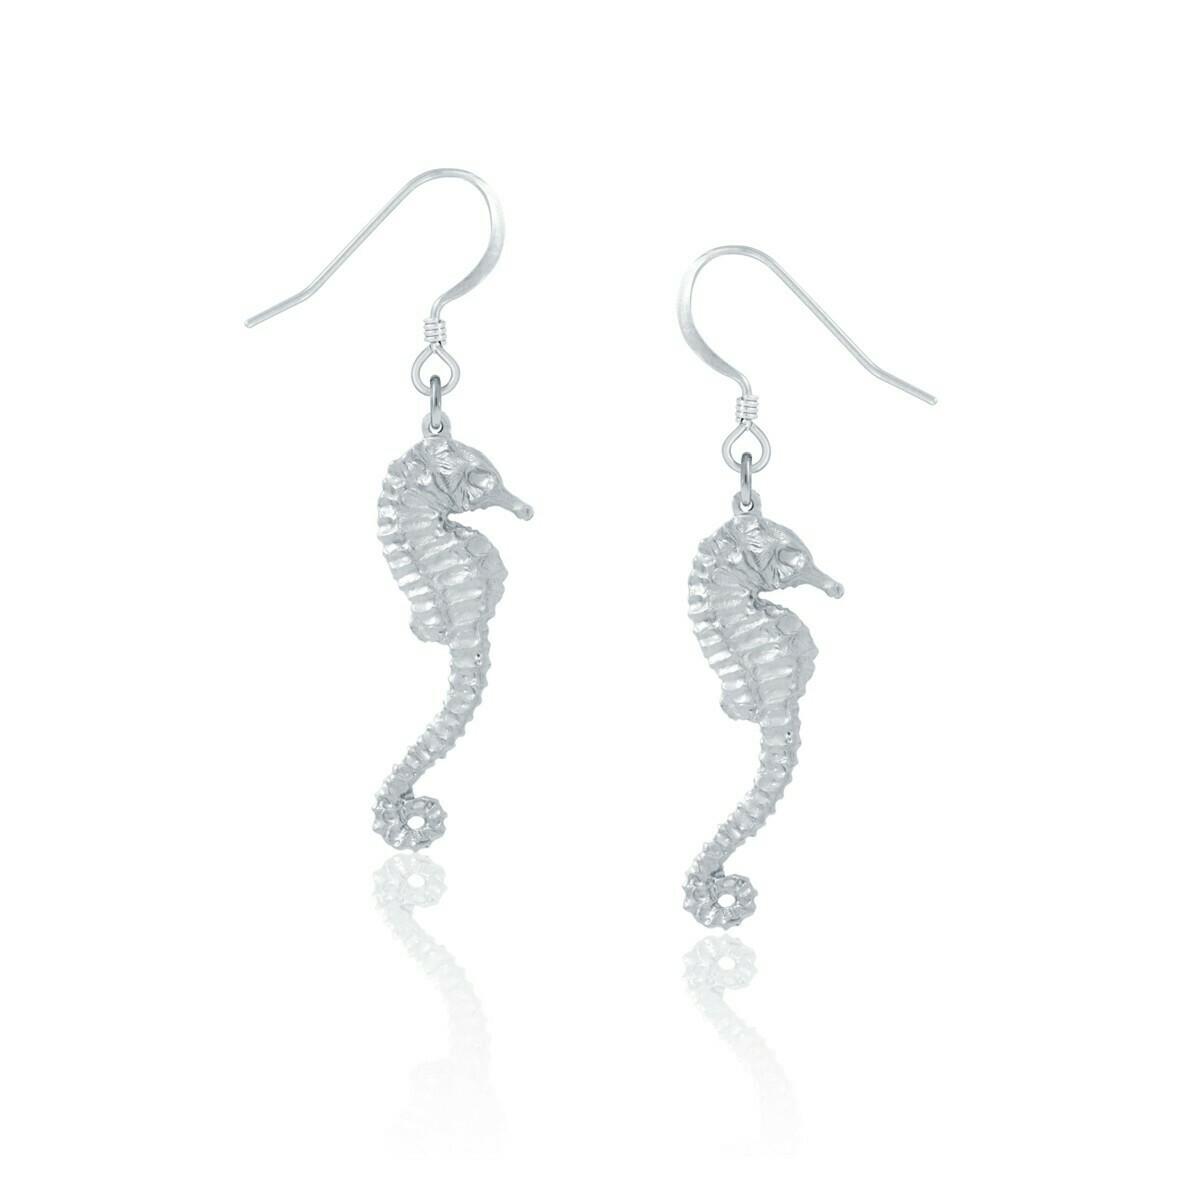 Seahorse Earrings - Amos